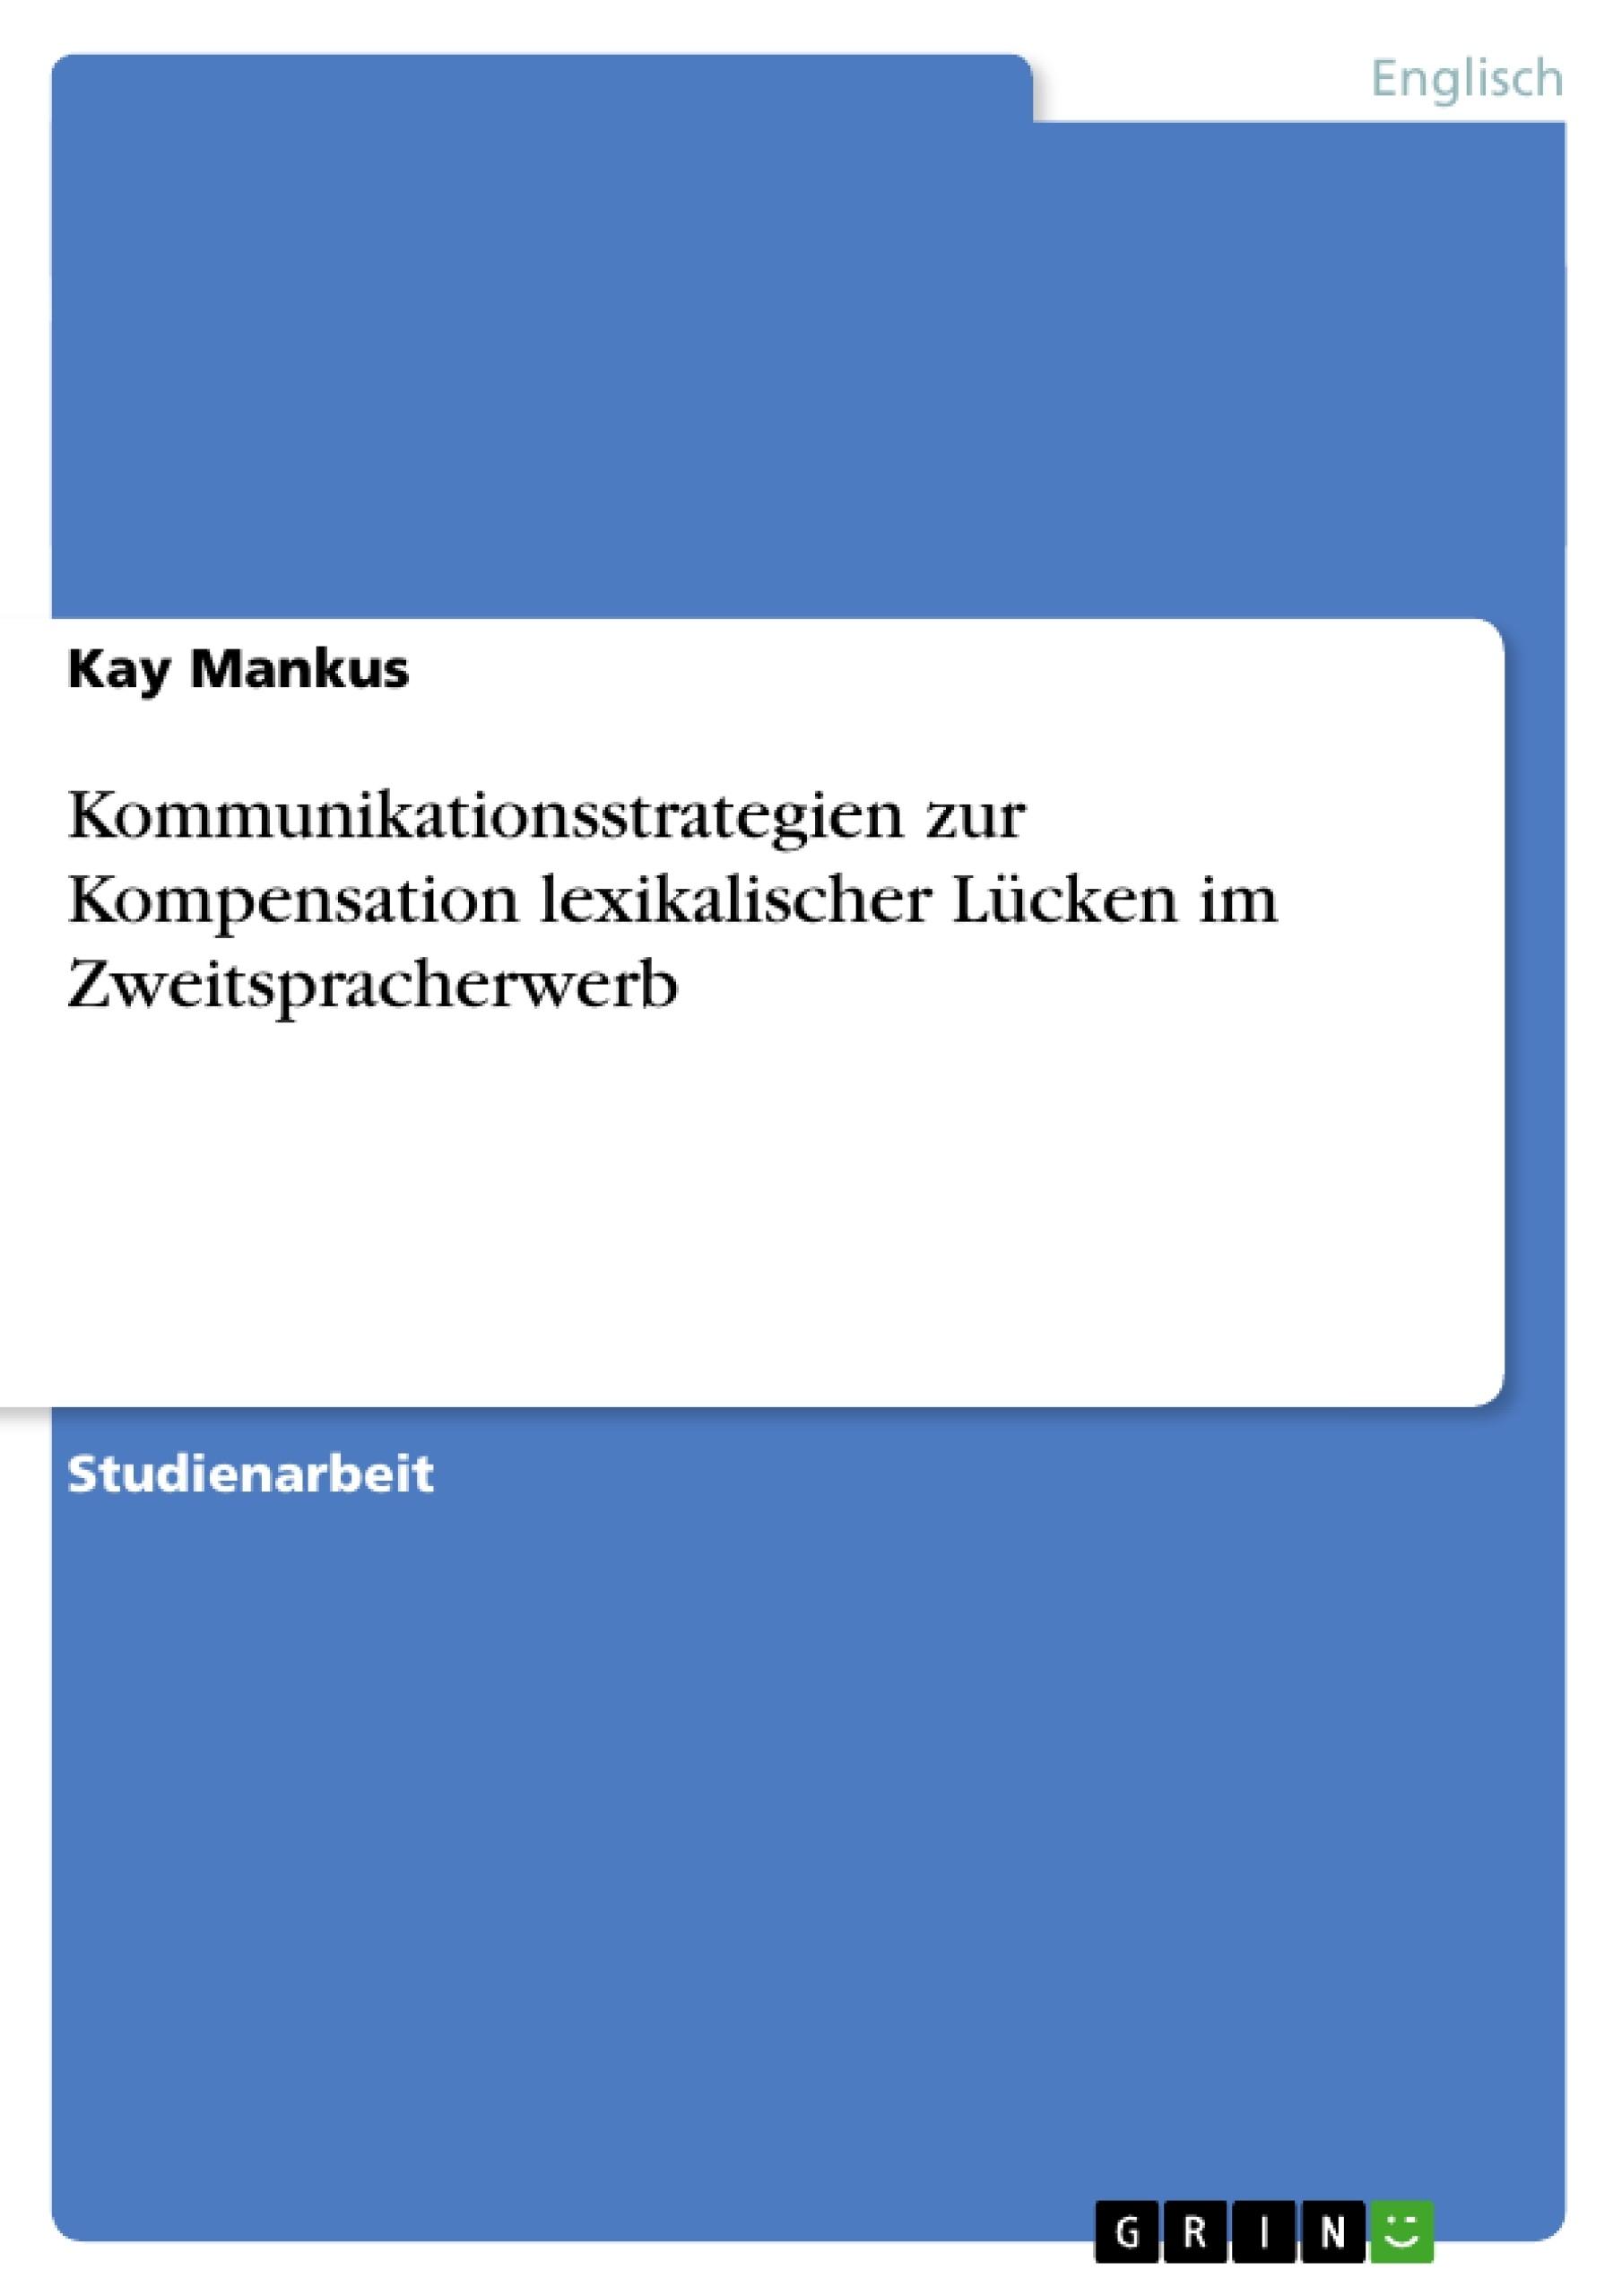 Titel: Kommunikationsstrategien zur Kompensation lexikalischer Lücken im Zweitspracherwerb